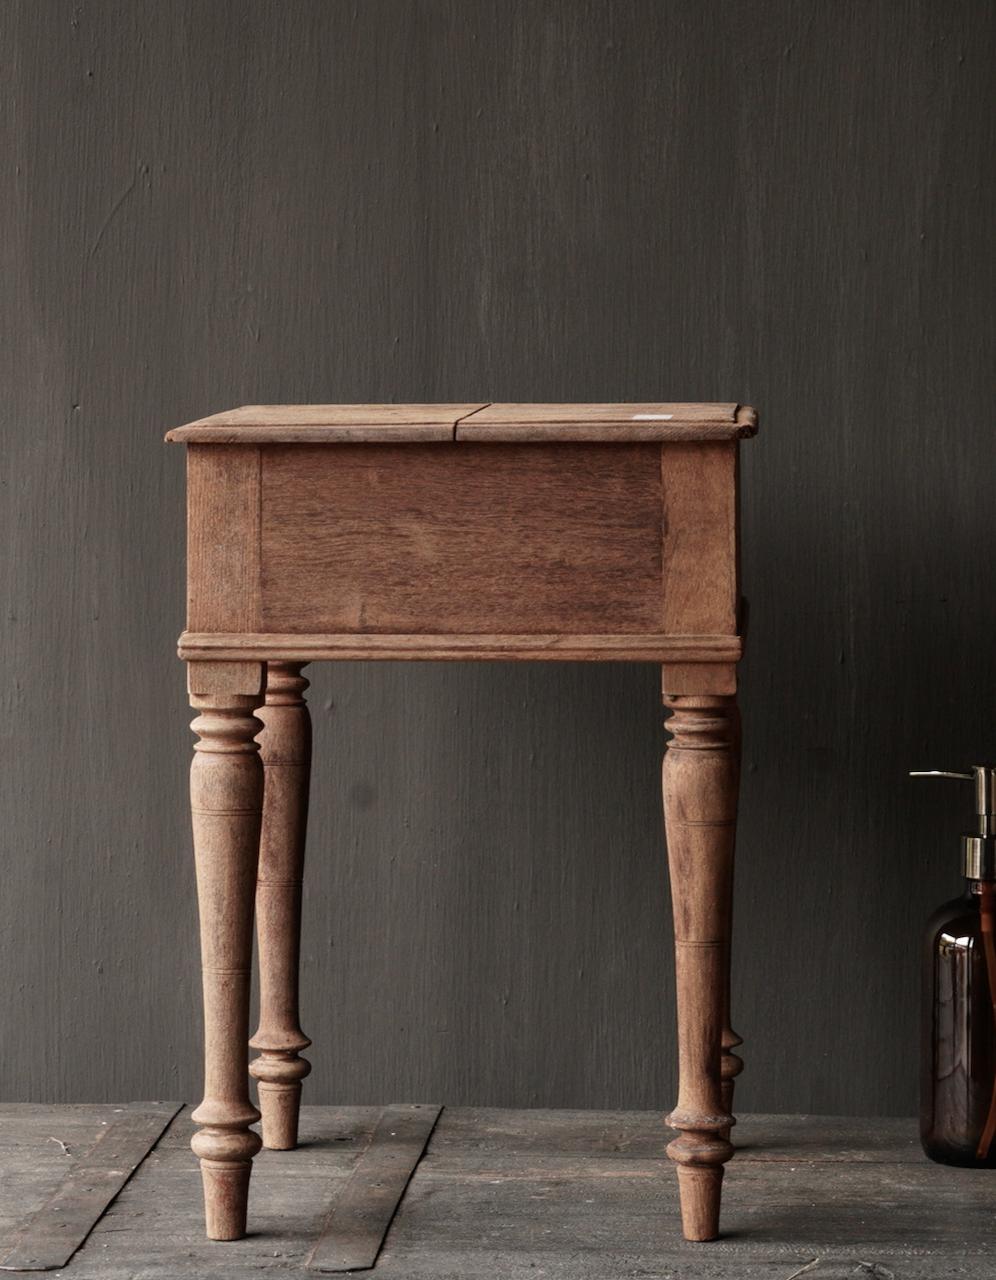 Einzigartiger alter authentischer Holzminitisch-2